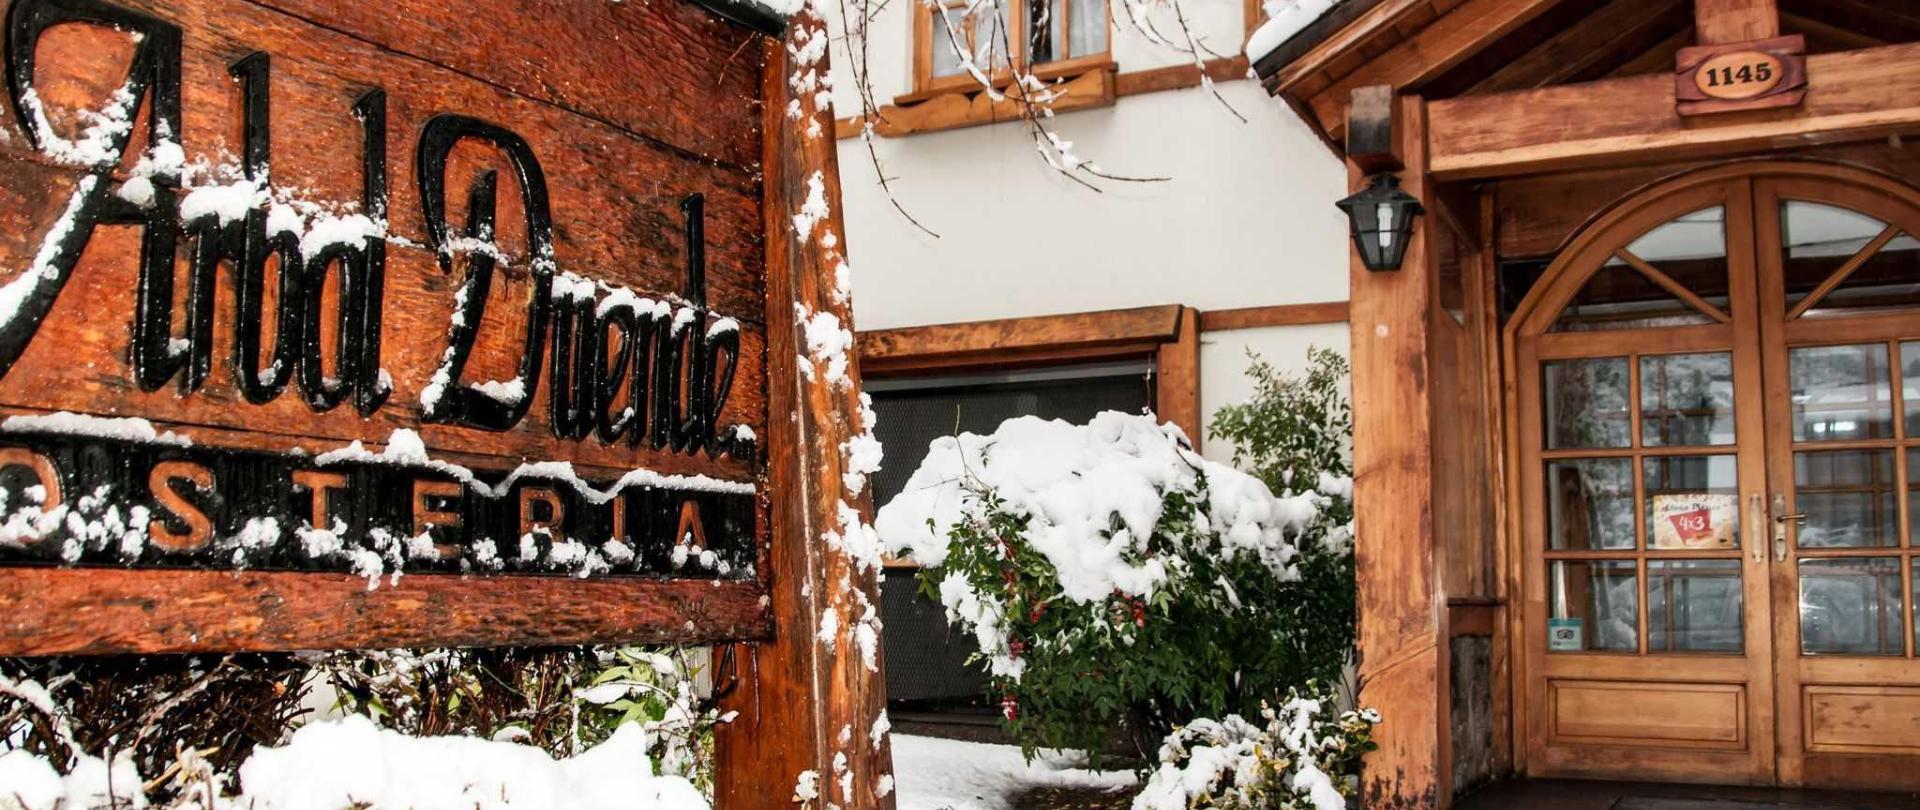 nieve-julio-sma-52-1.jpg